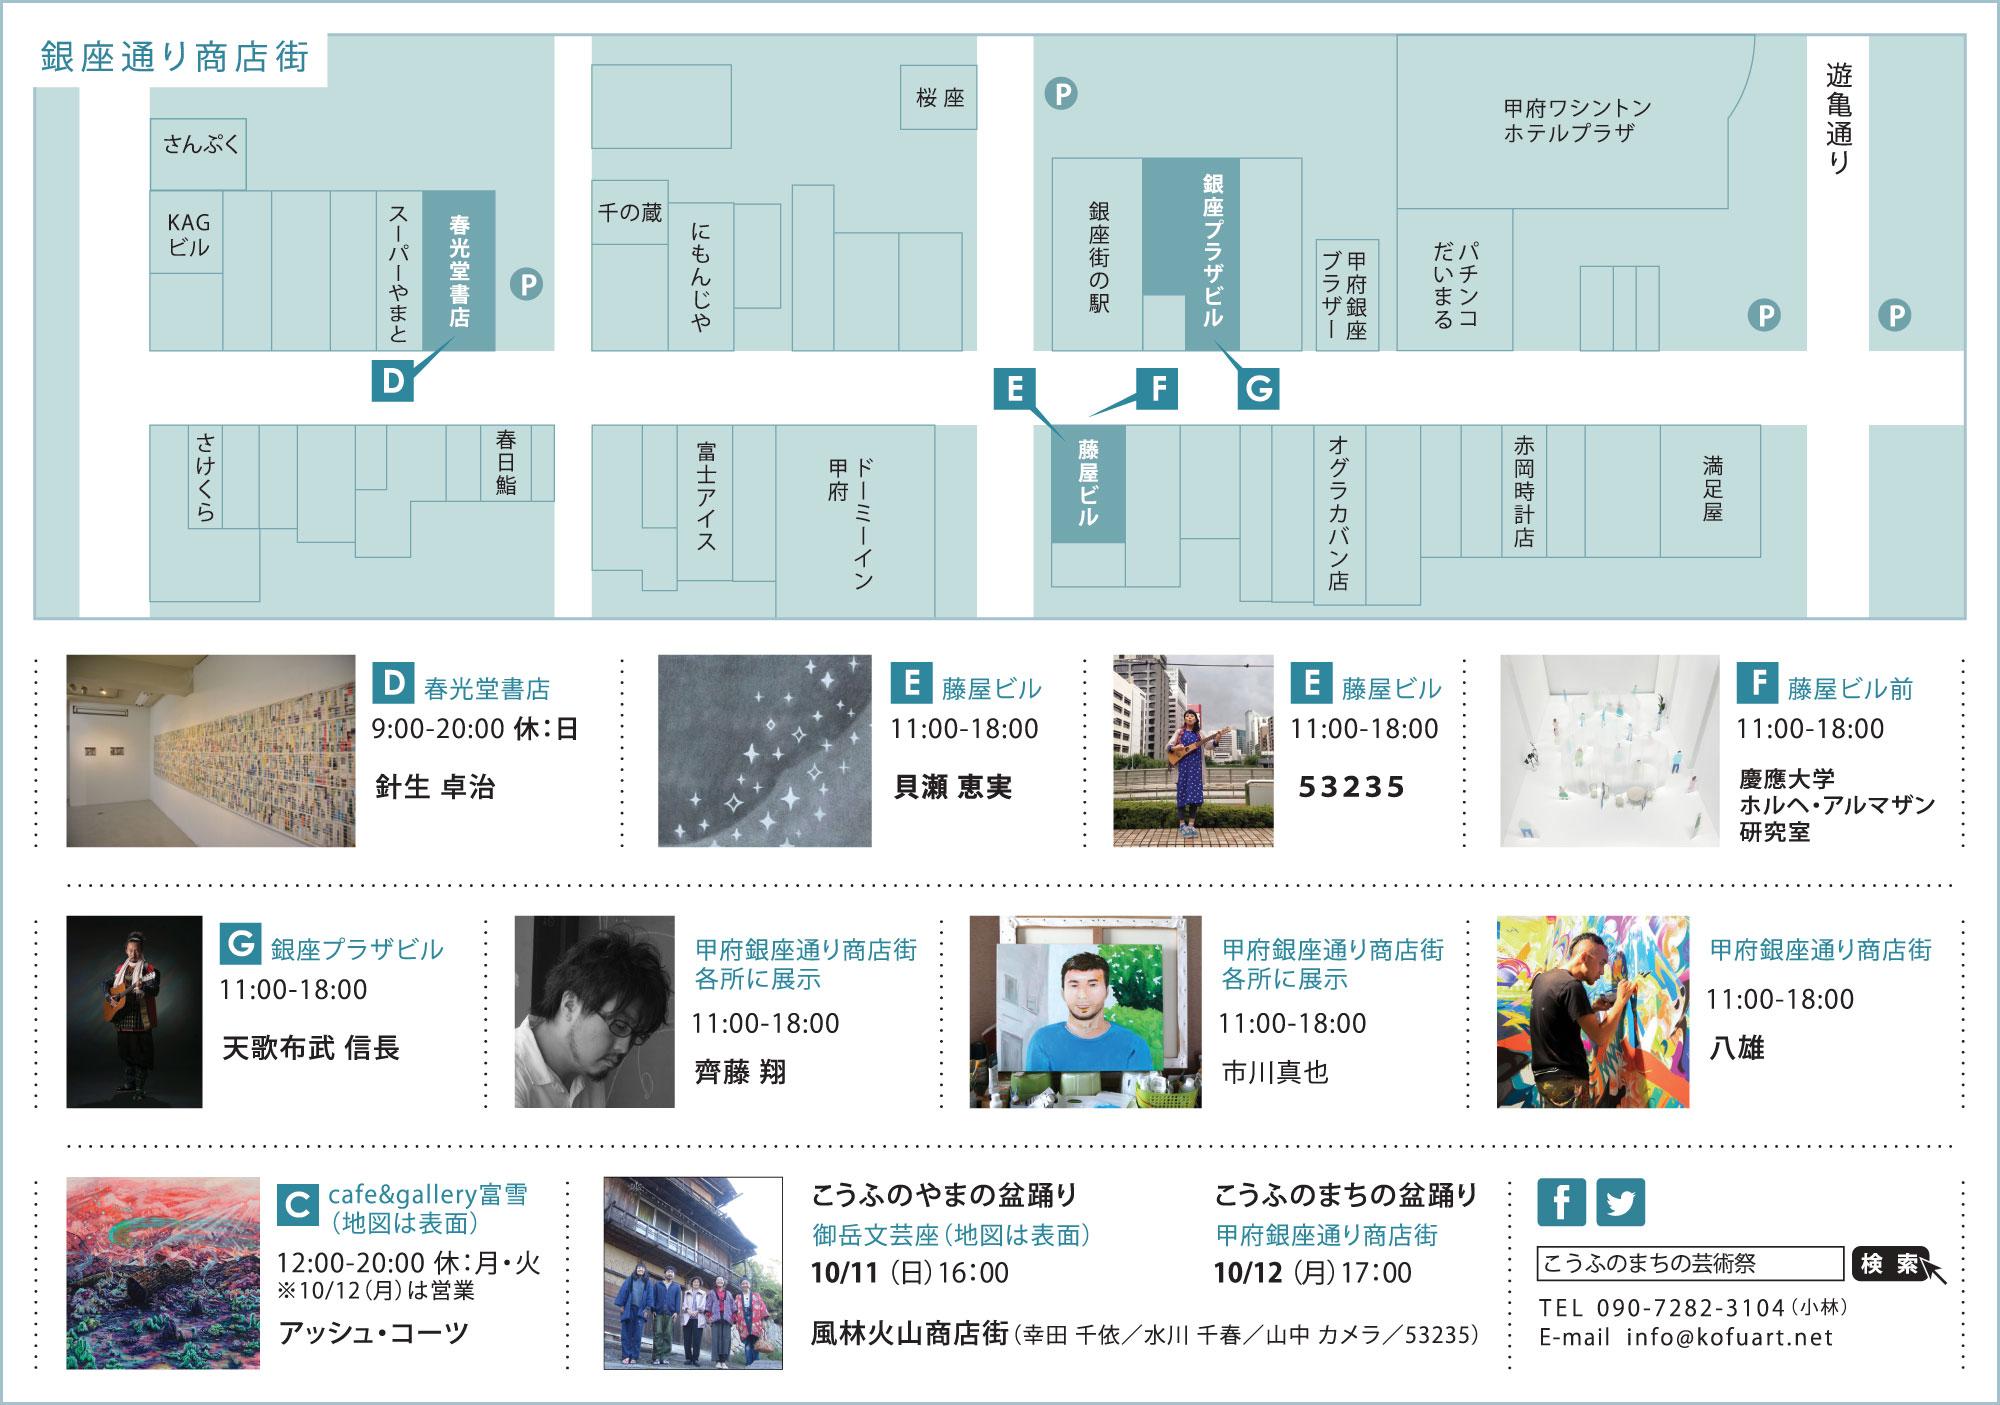 2015マップ 裏面